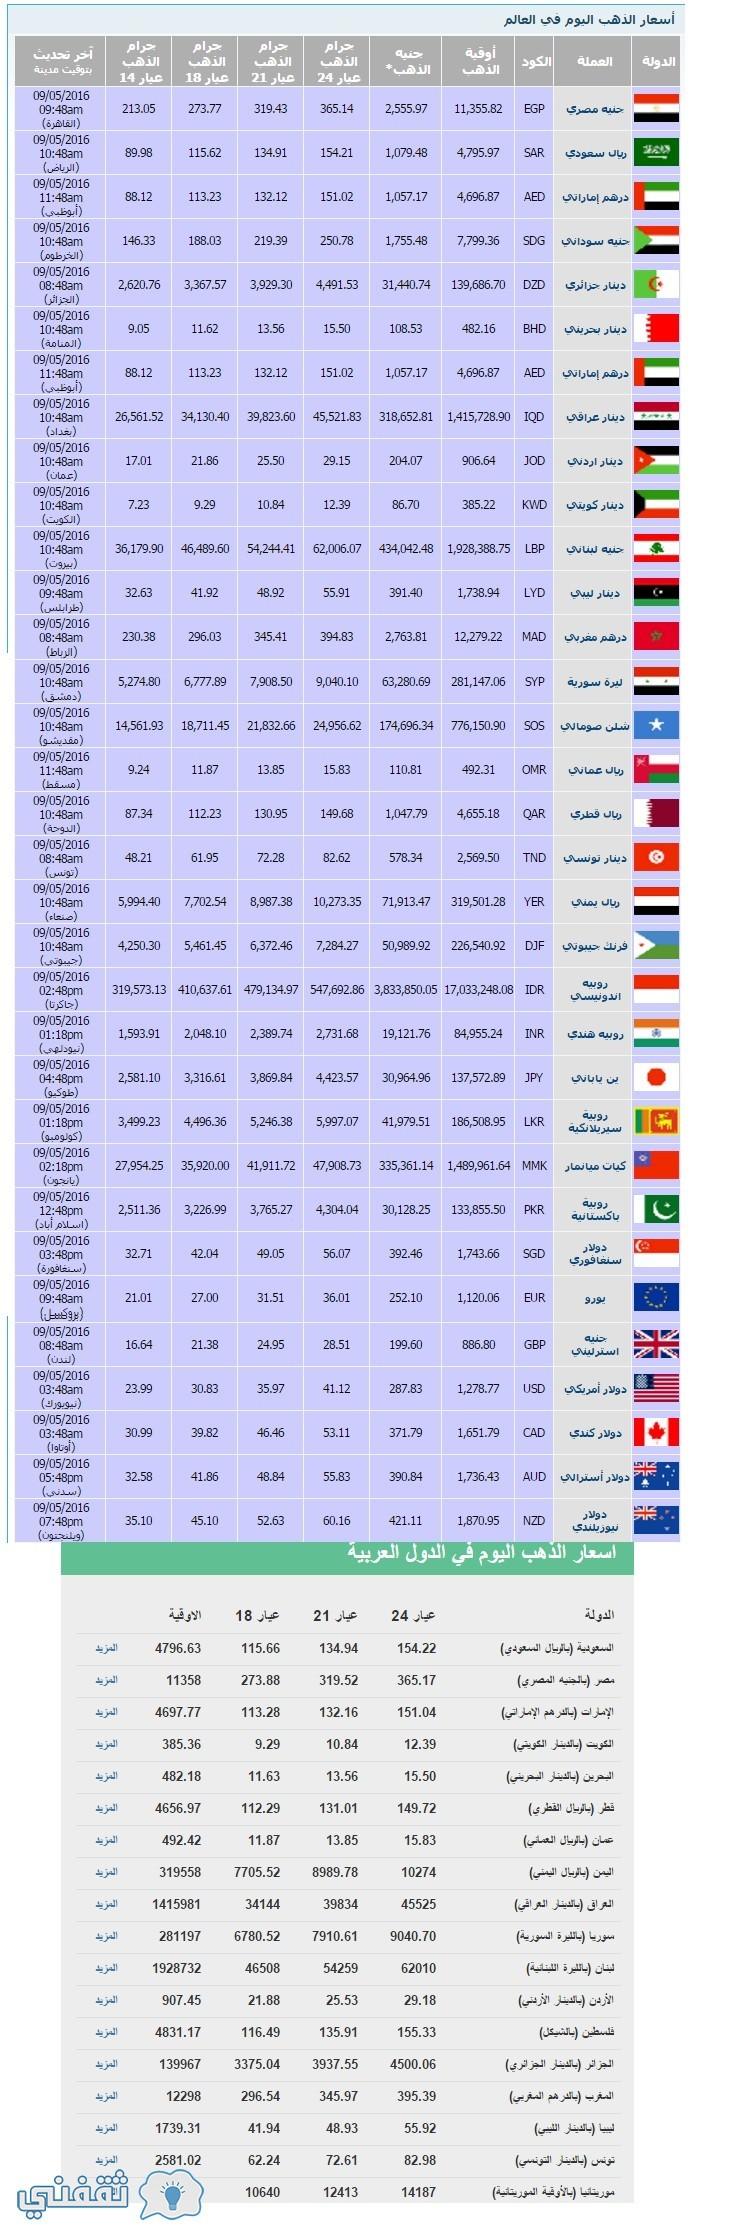 أسعار الذهب فى العالم والدول العربية